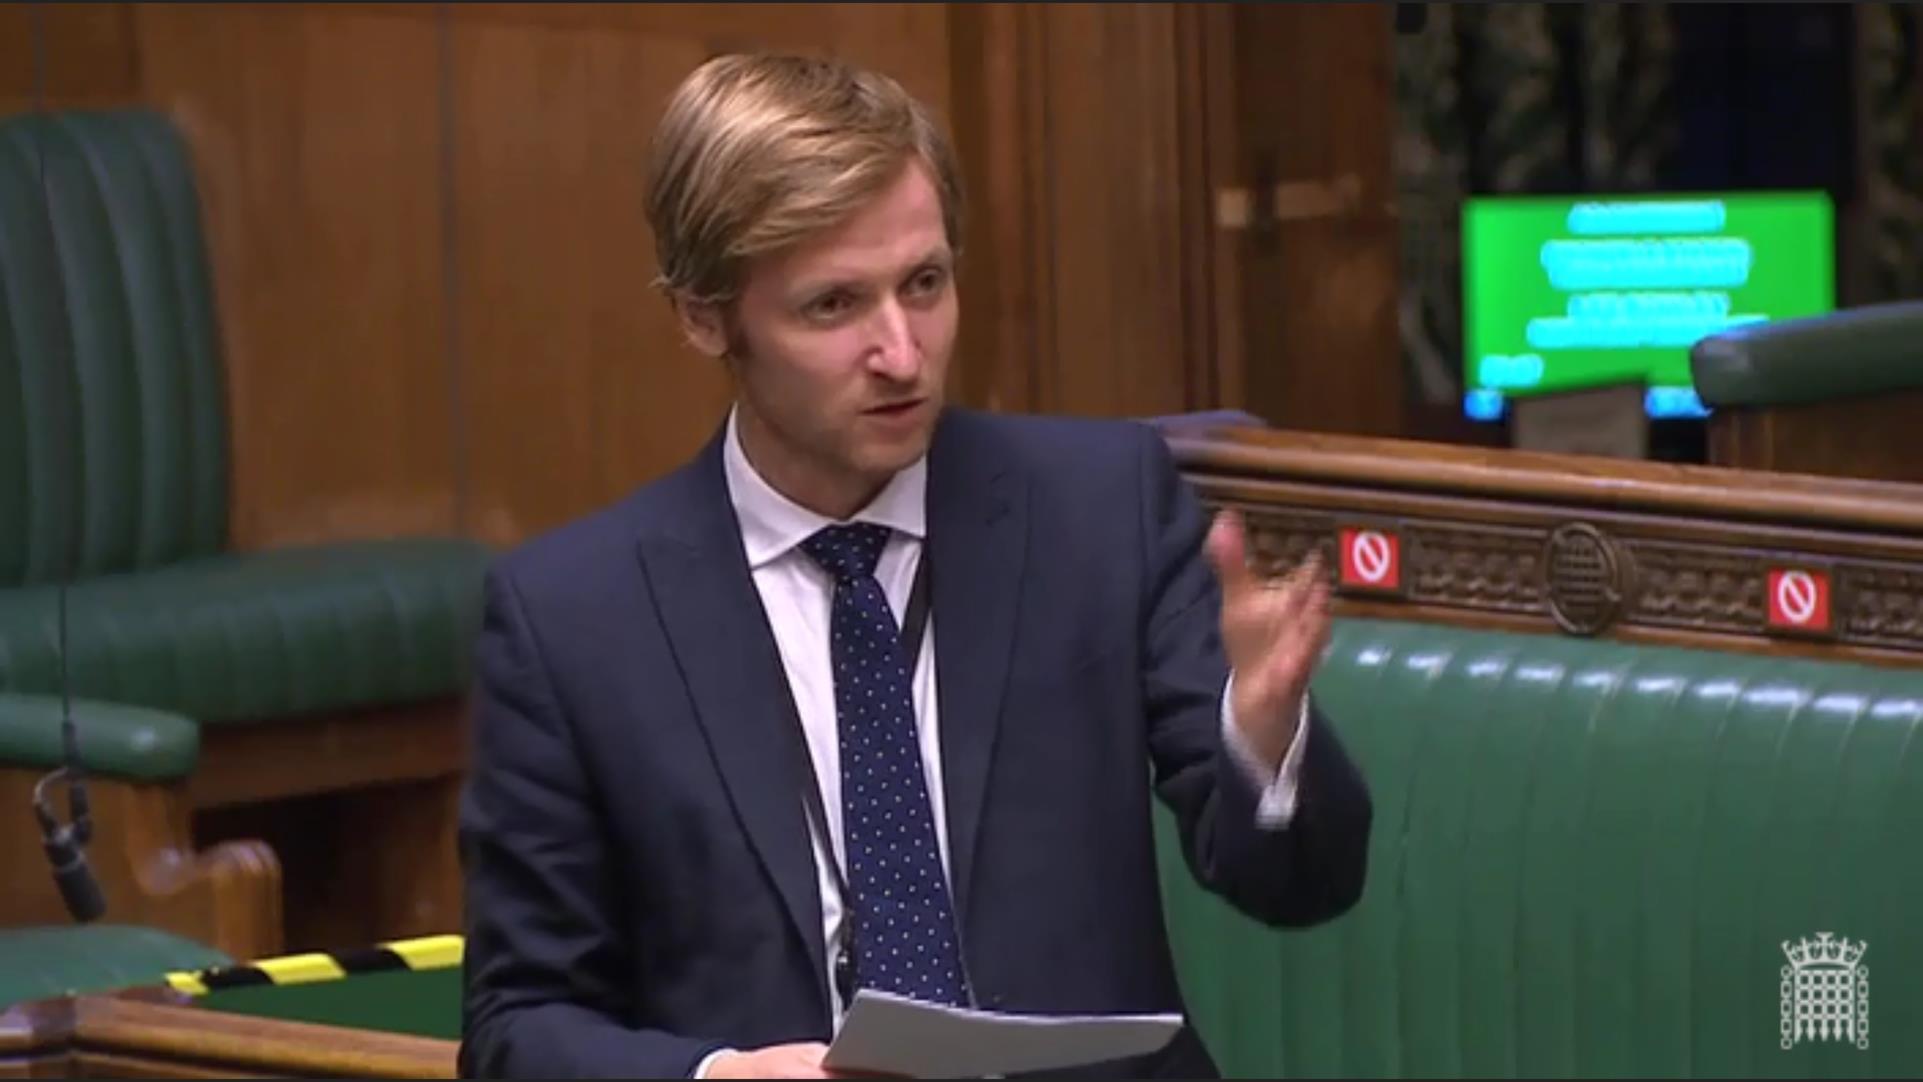 FoDS in Parliament